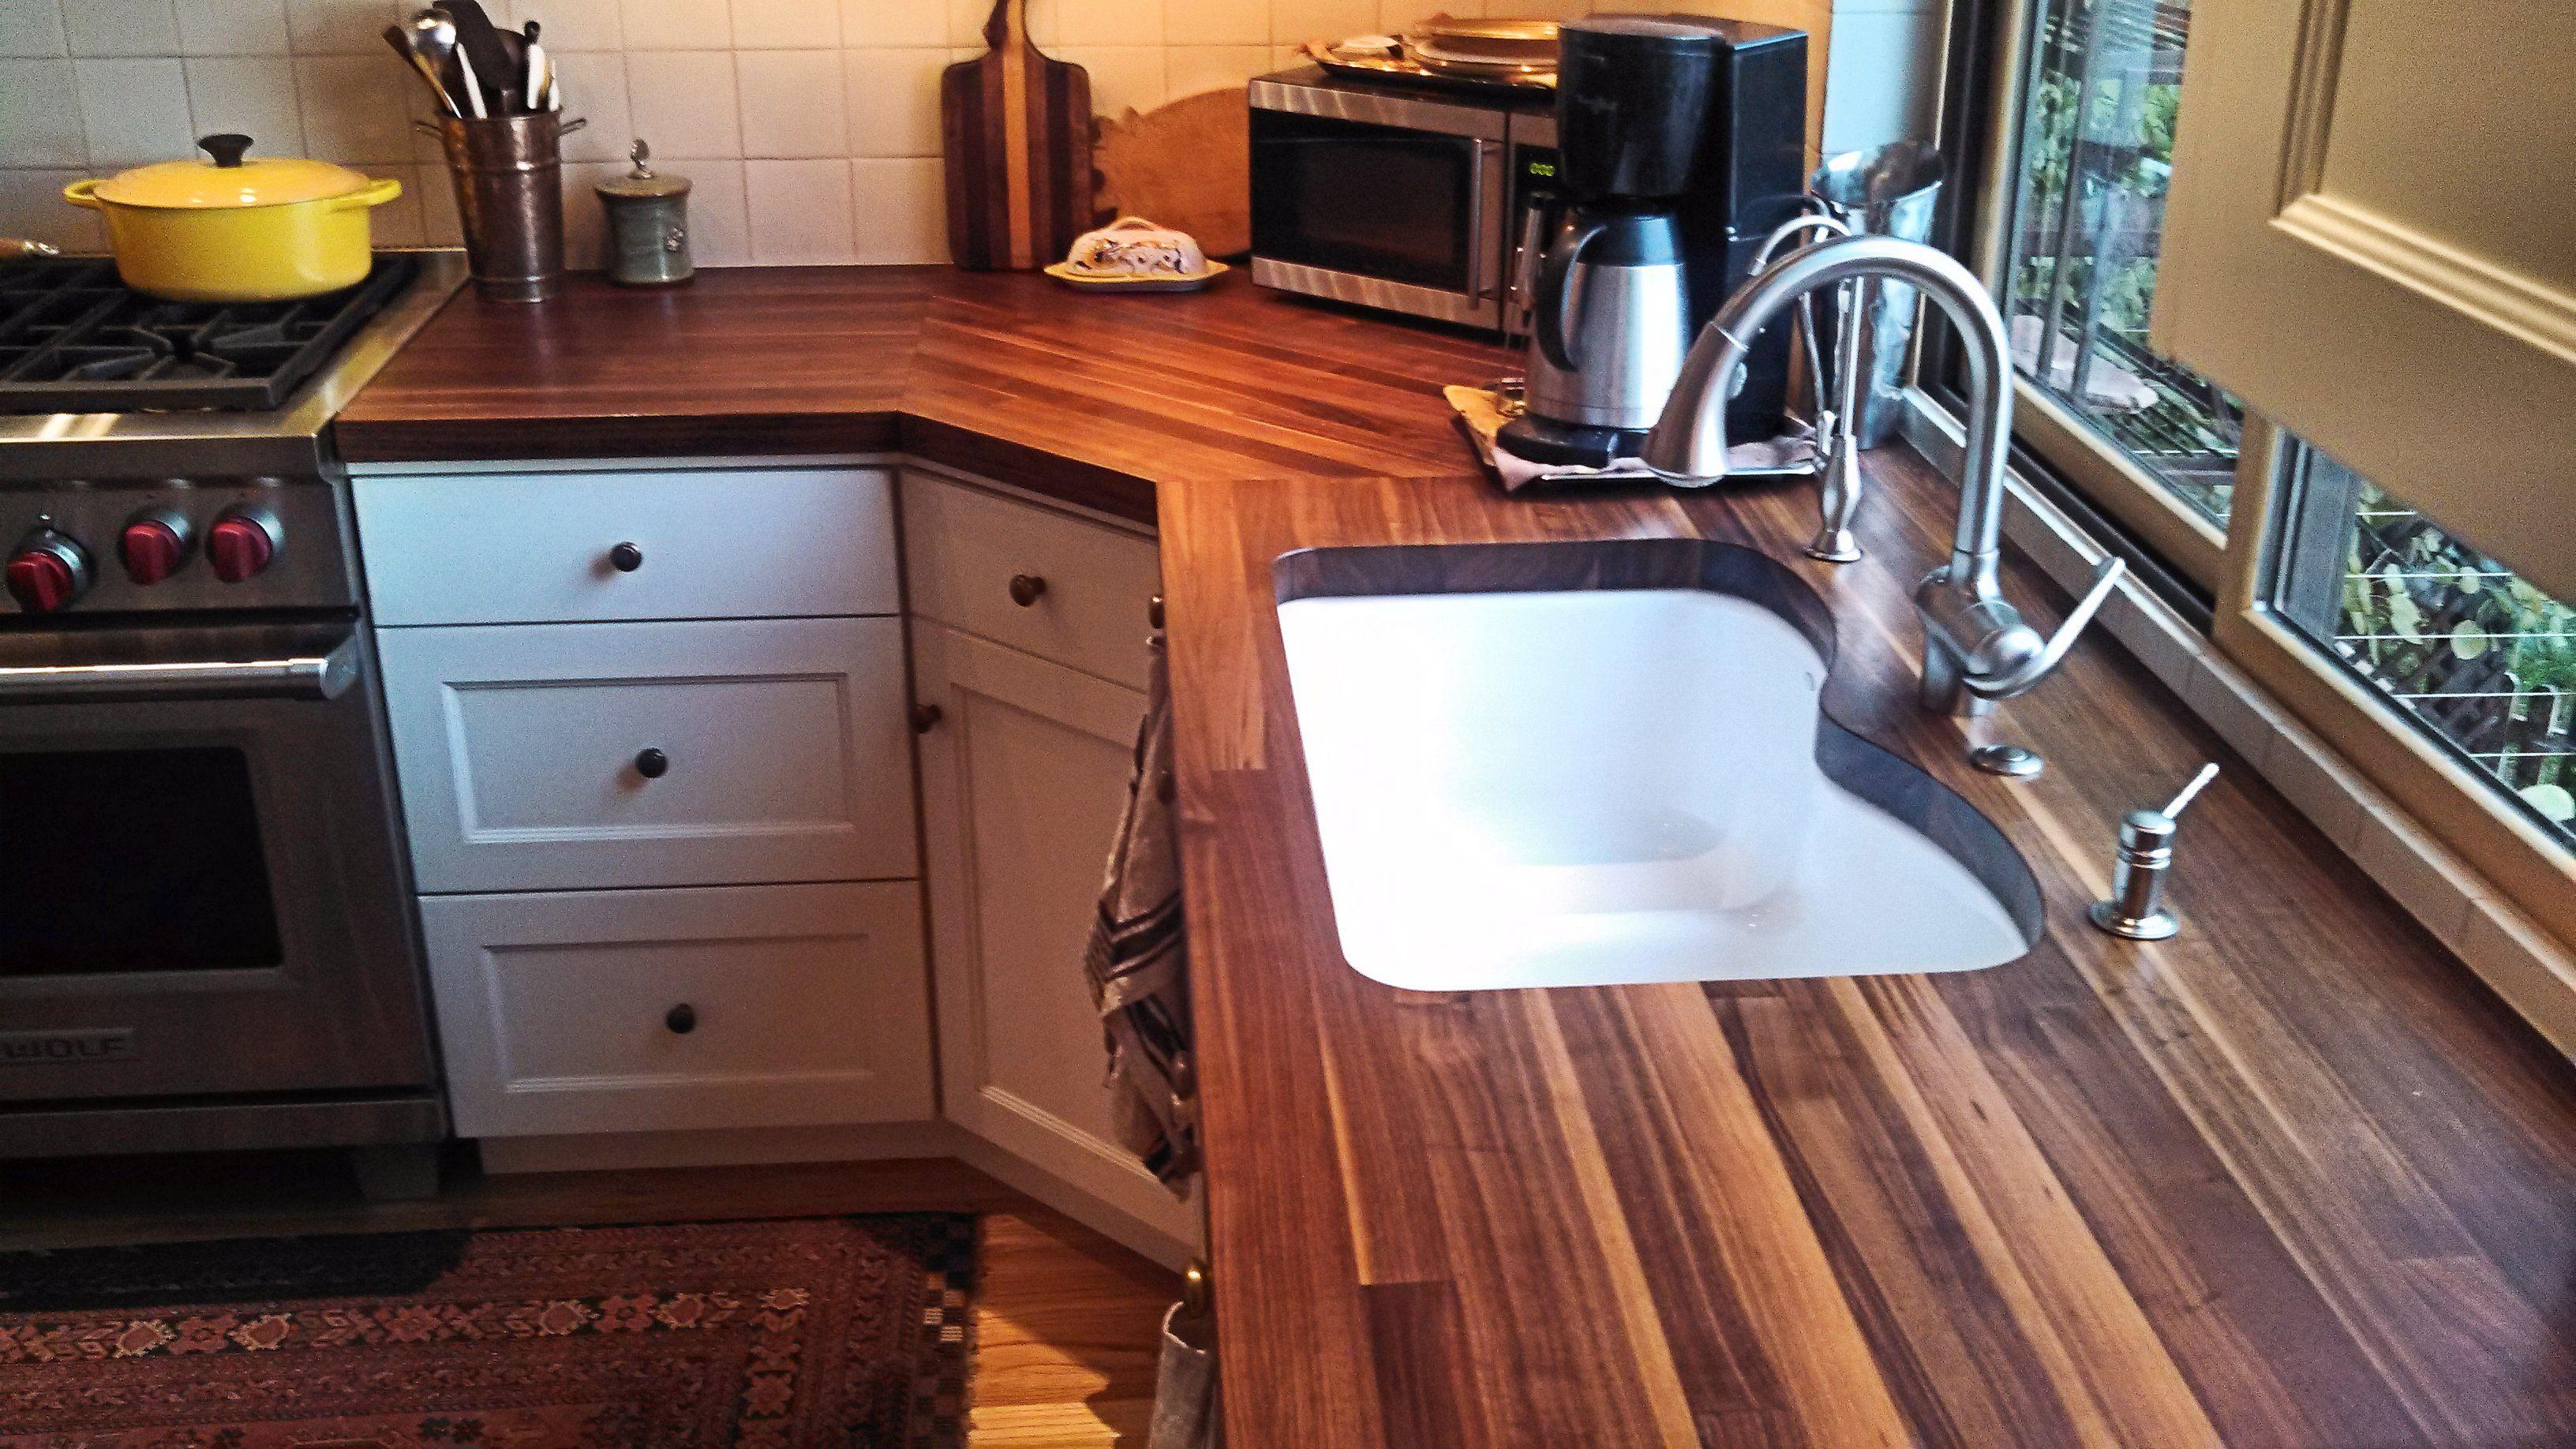 How To Install Butcher Block Countertops Walnut Edge Grain Wood Countertop